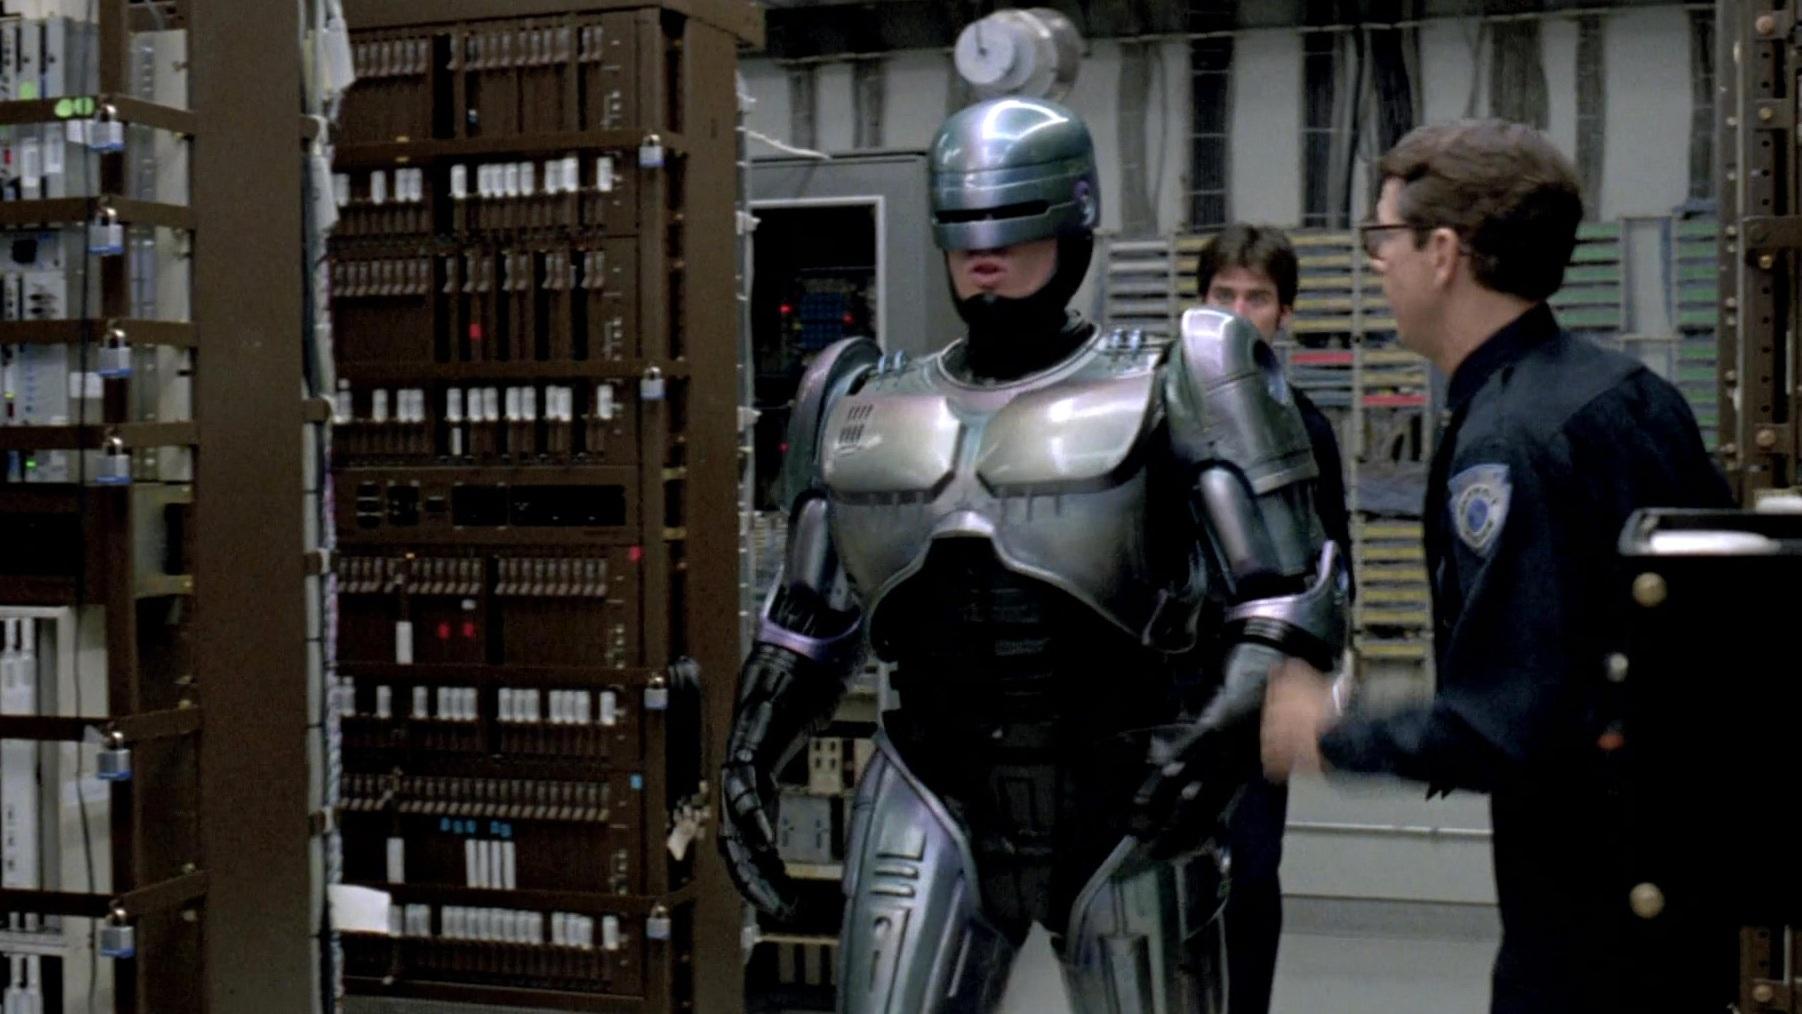 #29) RoboCop - (1987 - dir. Paul Verhoeven)